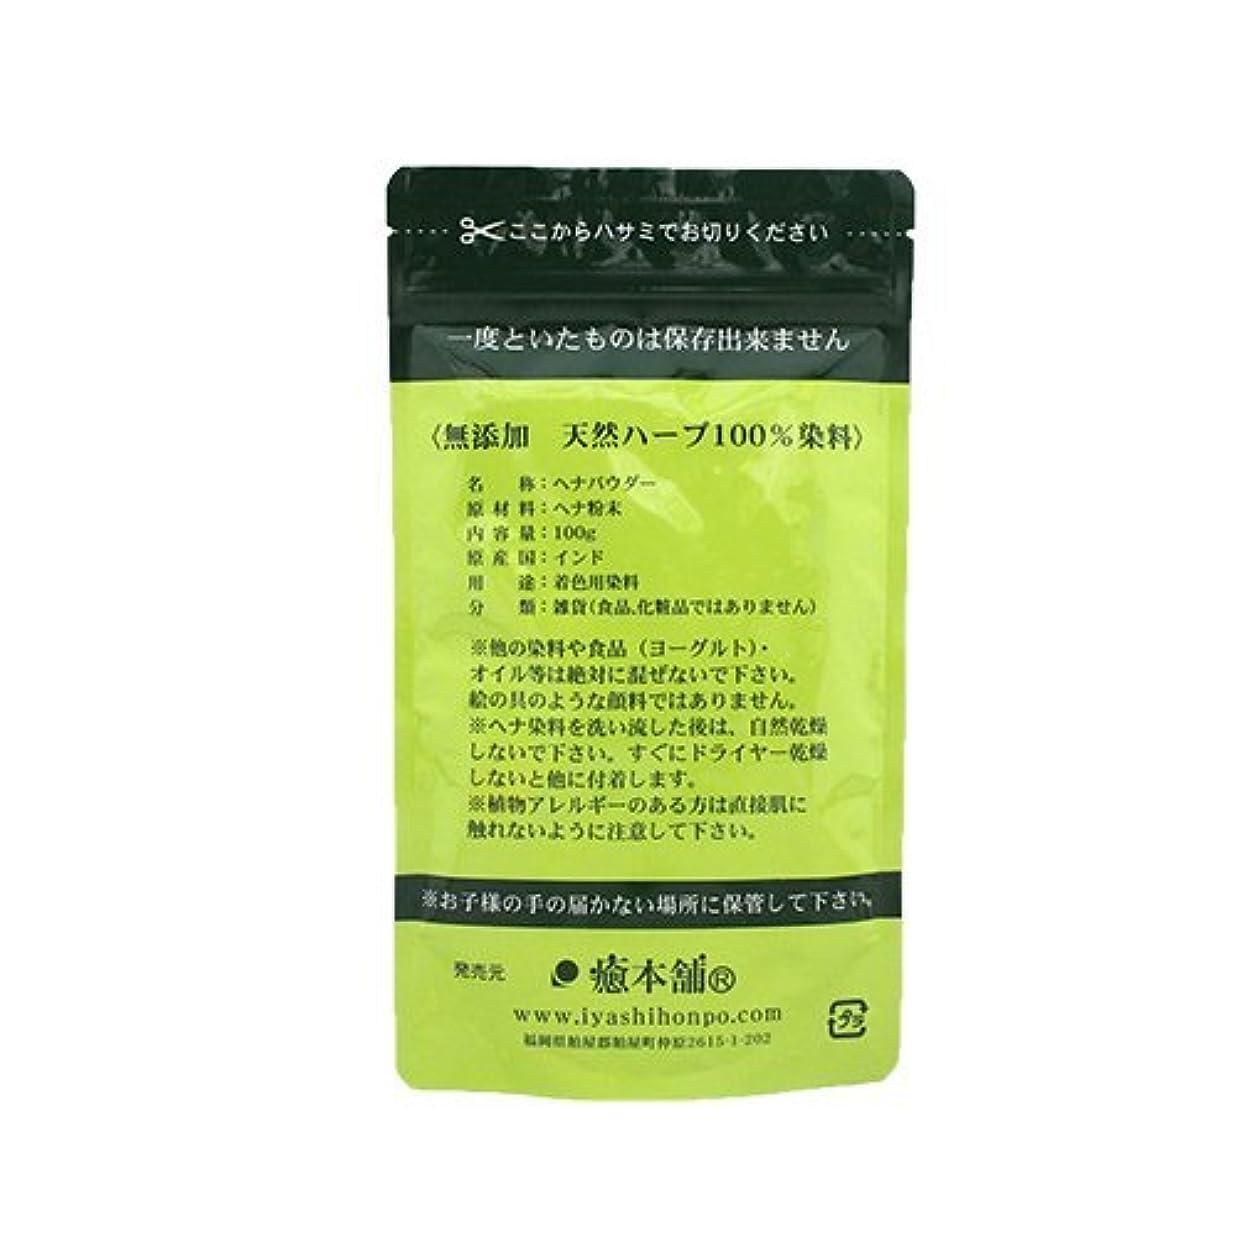 シルク別れる眉癒本舗 ヘナ(天然染料100%) 100g